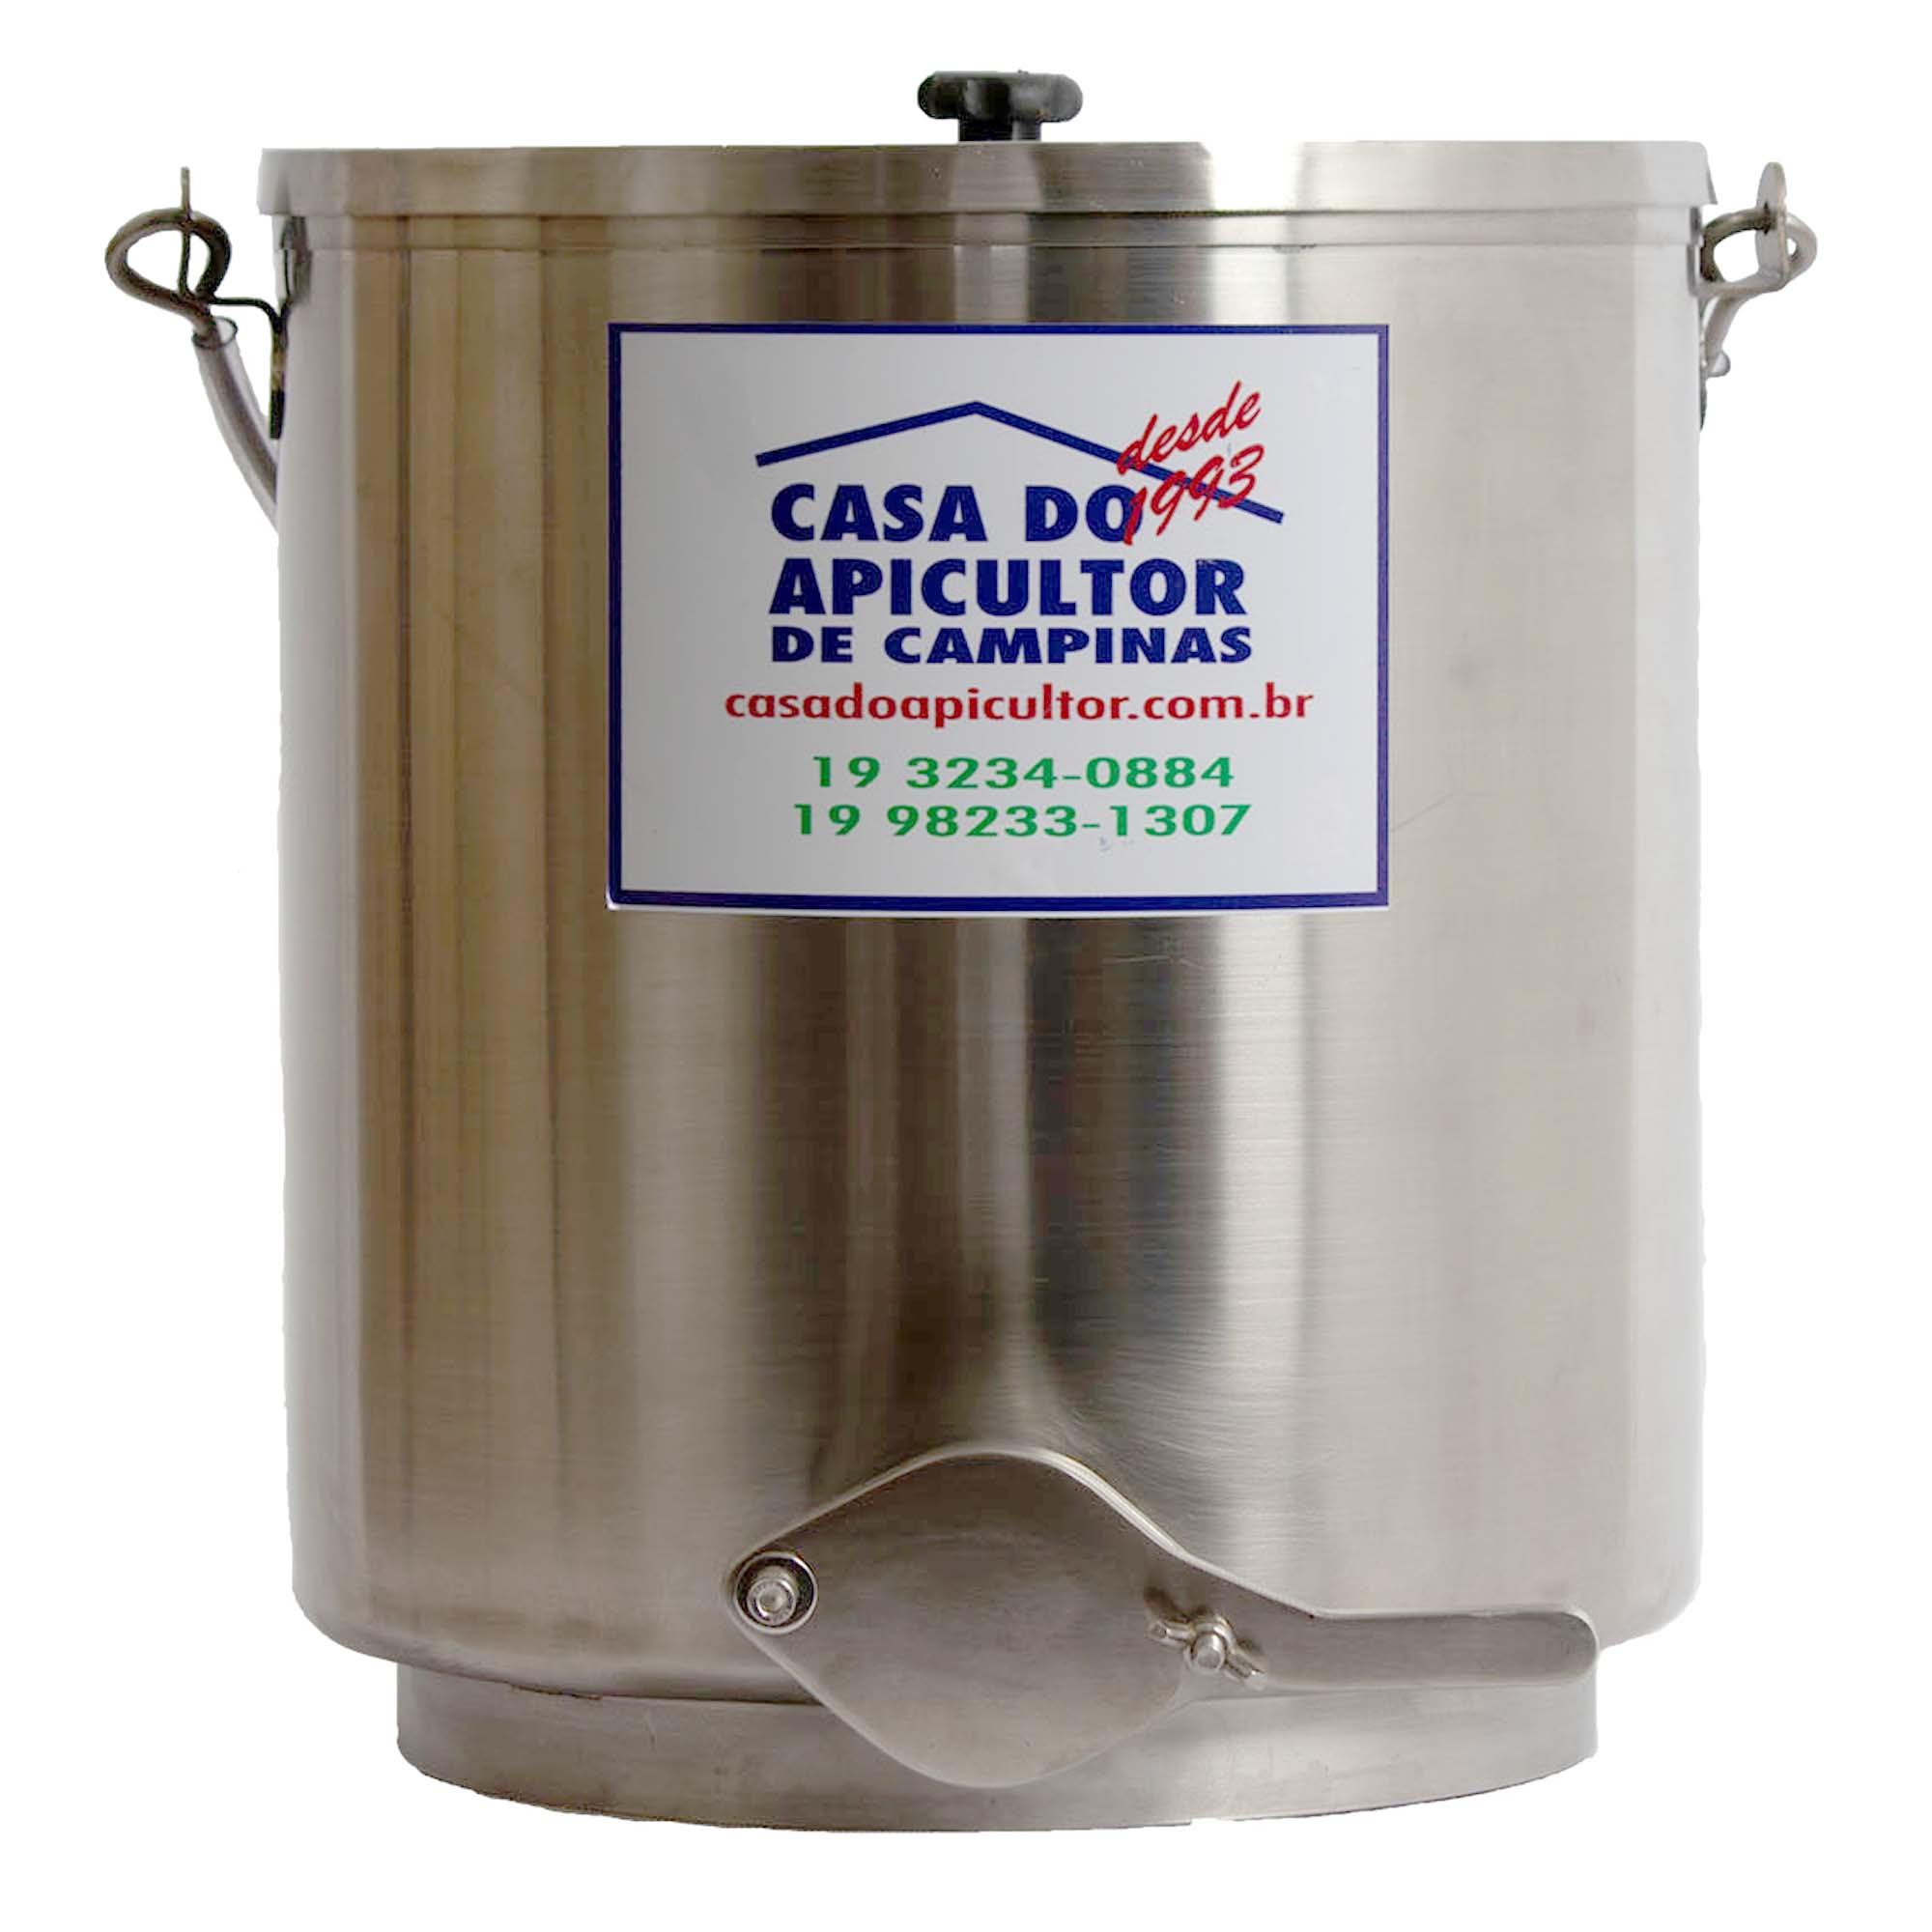 Tanque decantador de mel com torneira - 25kg